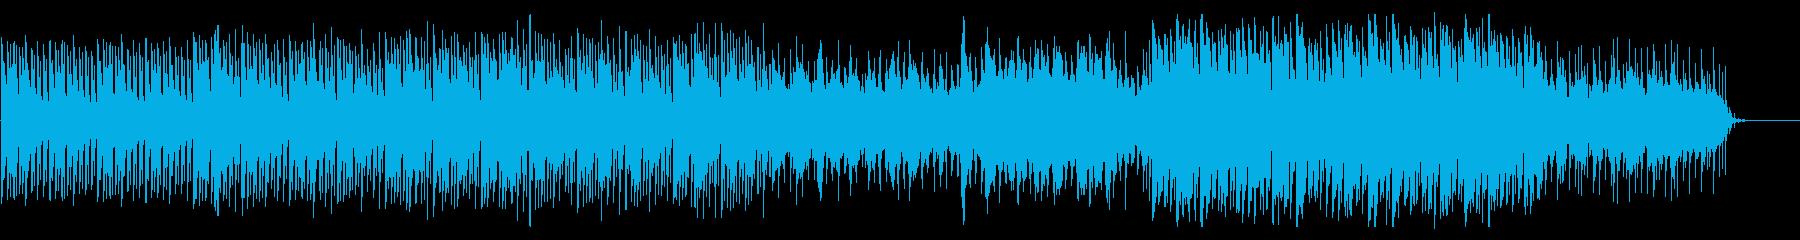 ギターハウス/シンプルで爽やかなBGMの再生済みの波形